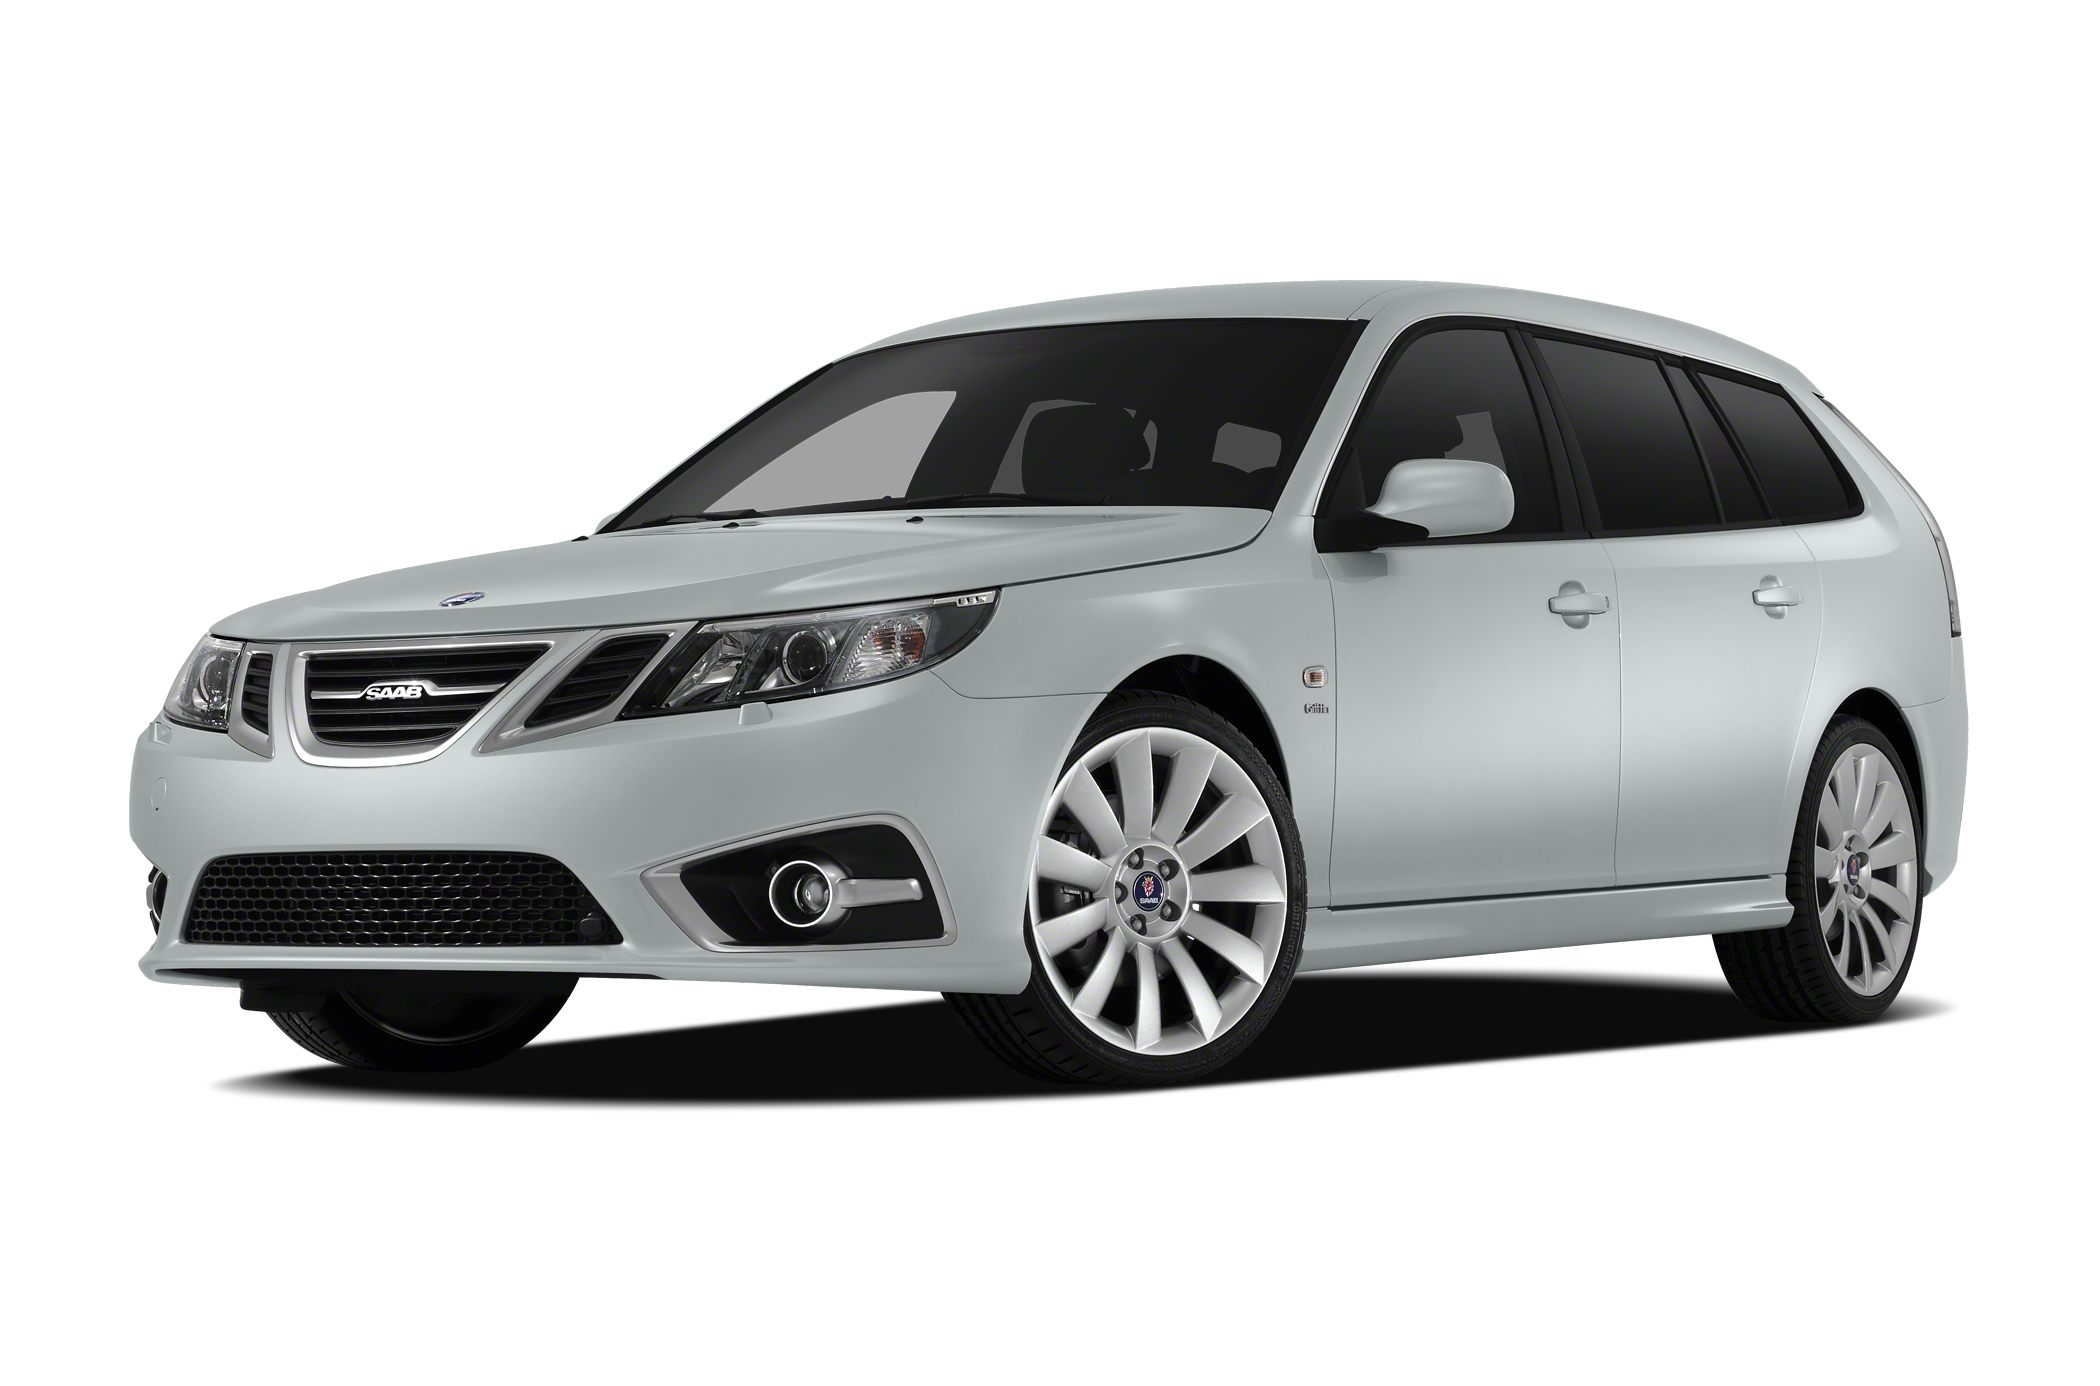 2012 Saab 9-3X